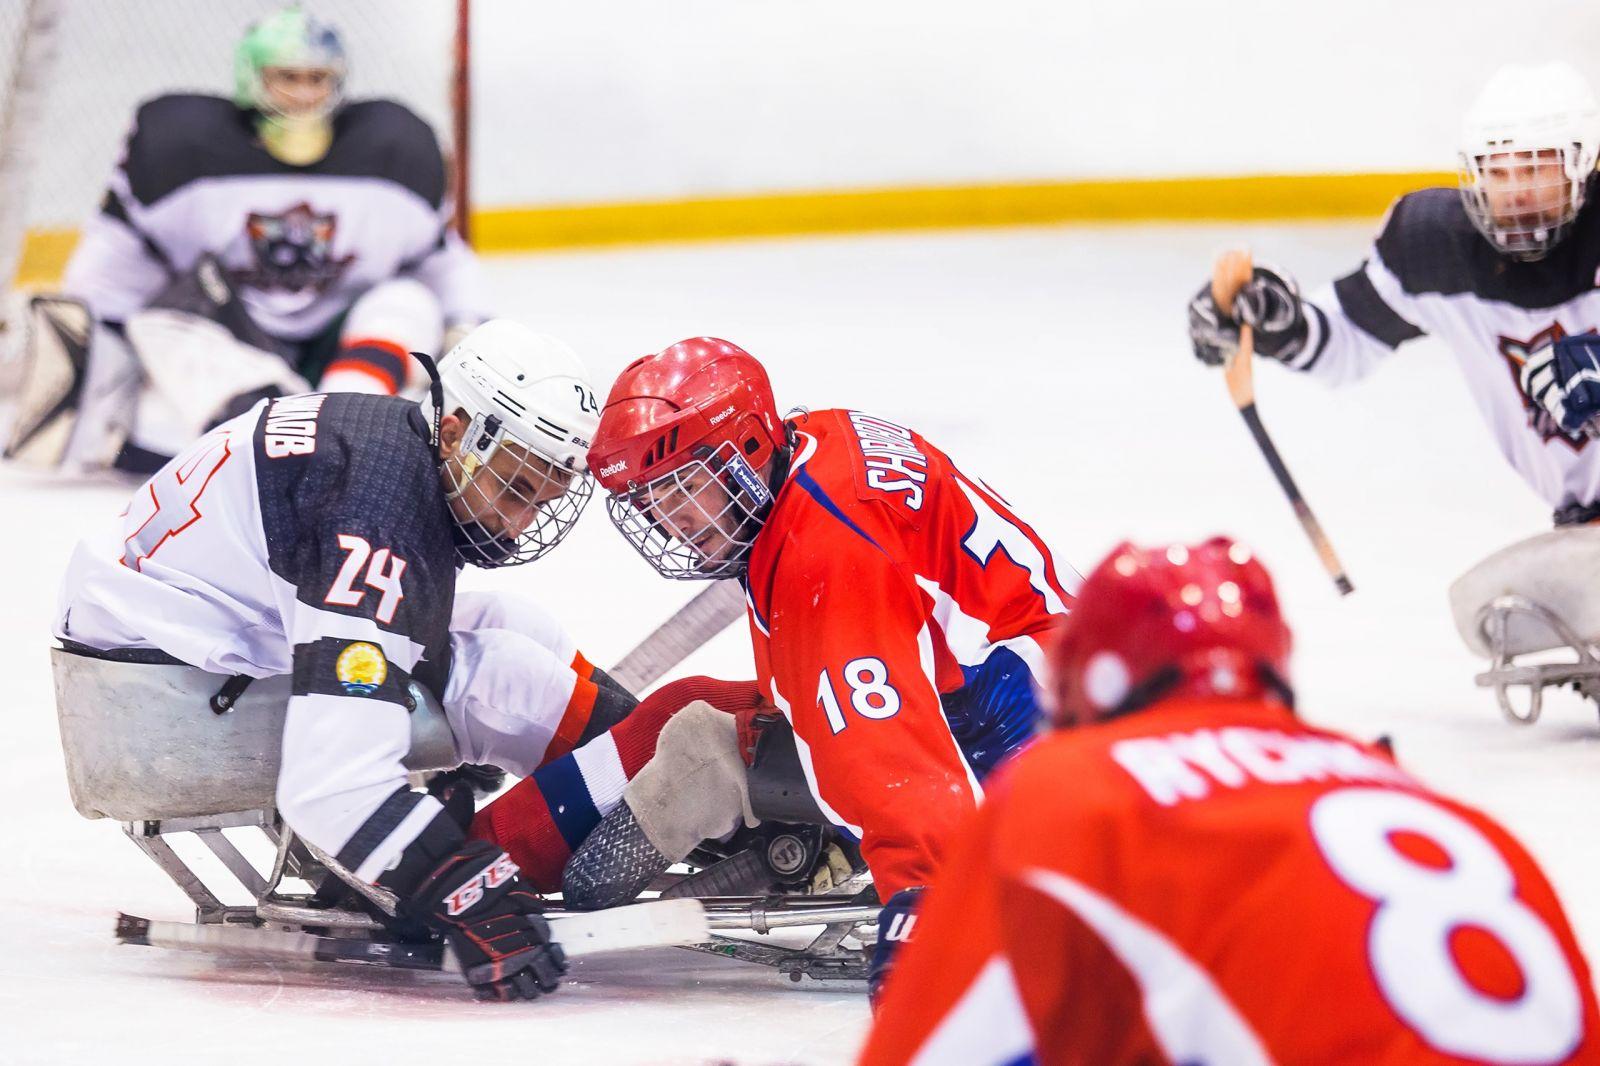 Итоги первого дня первого круга чемпионата России по следж-хоккею в Ижевске